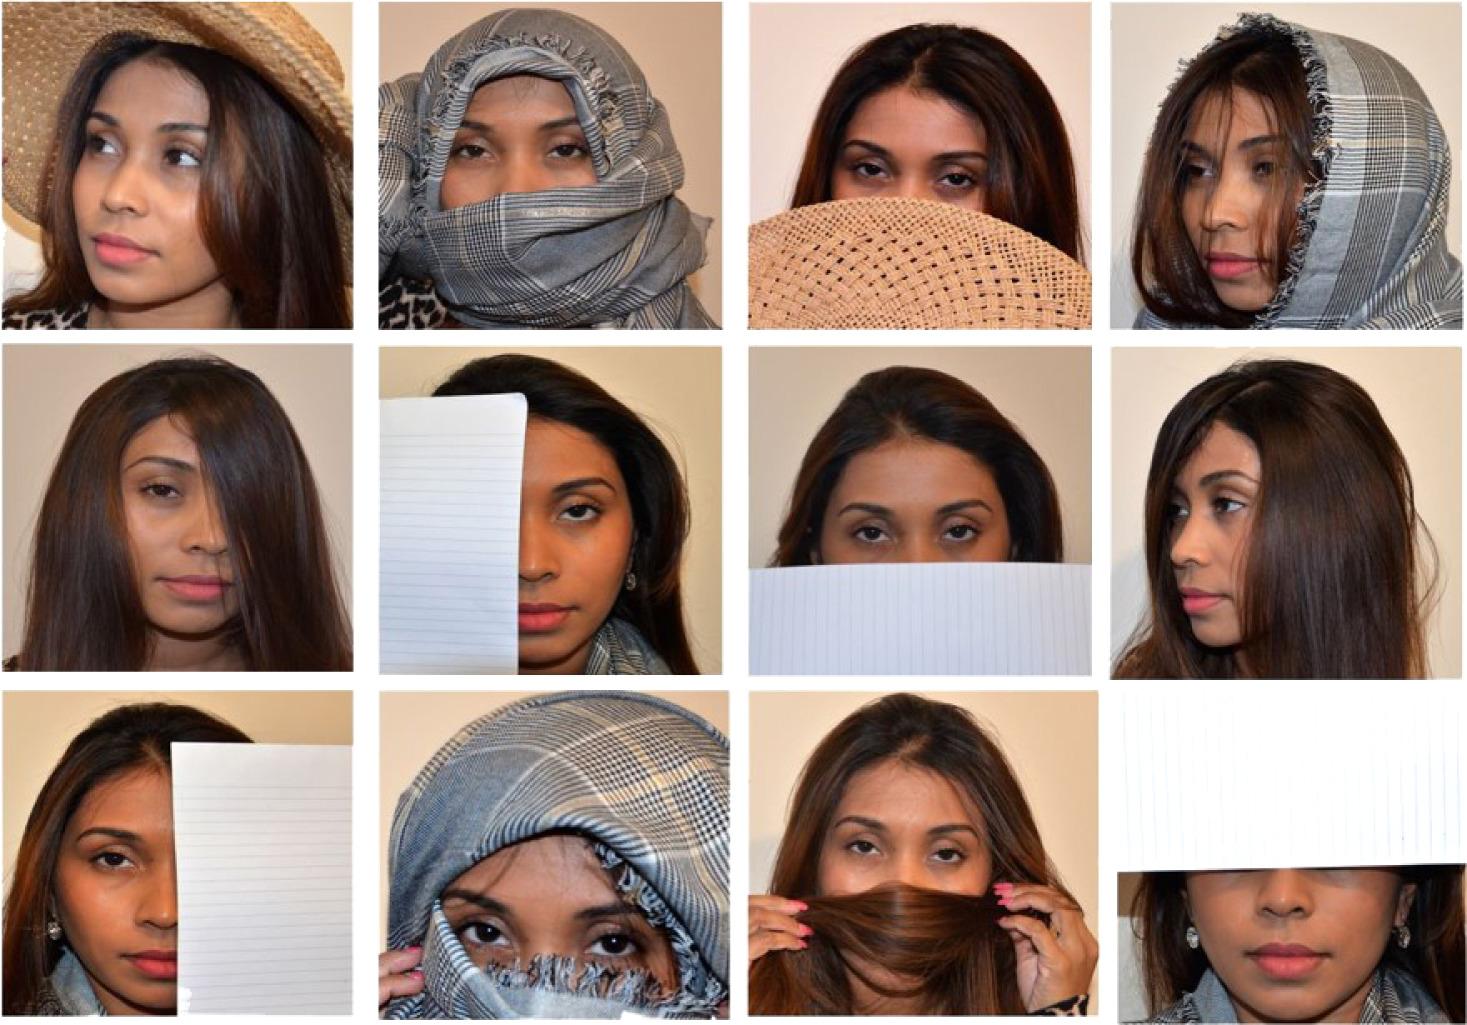 Распознавание половины лица улучшается, если обучать модель начастях лиц.